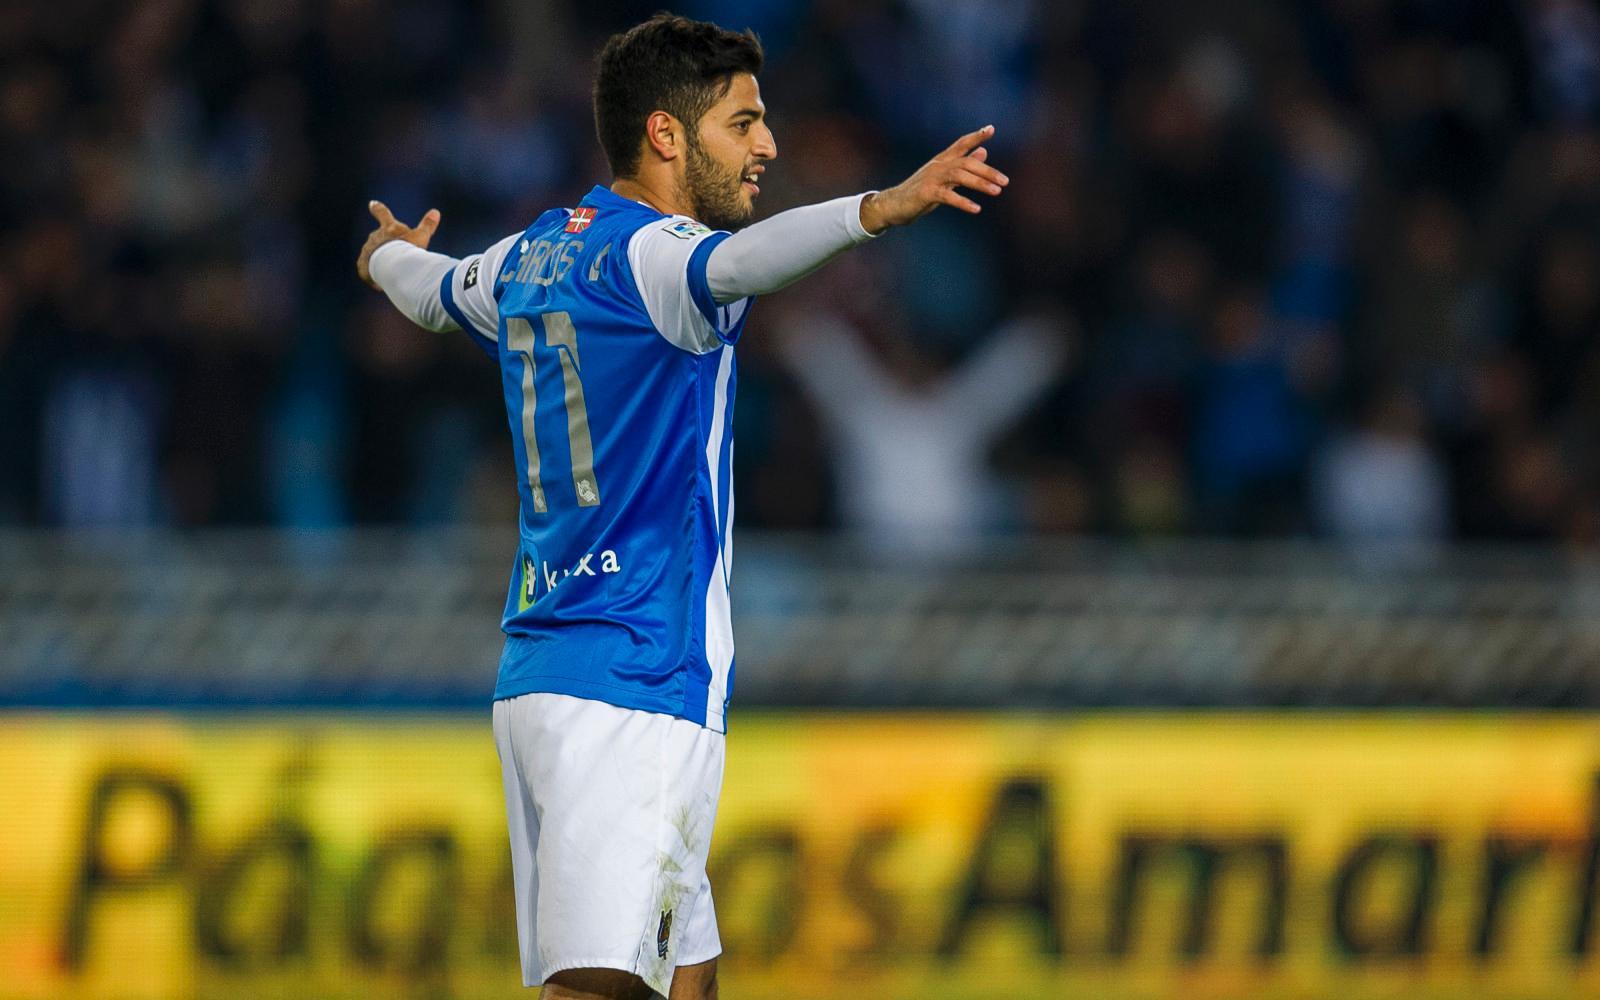 Carlos Vela, último partido, Real Sociedad, gol, San Sebastián, Estadio Anoeta, despedida, MLS, LAFC, Estados Unidos